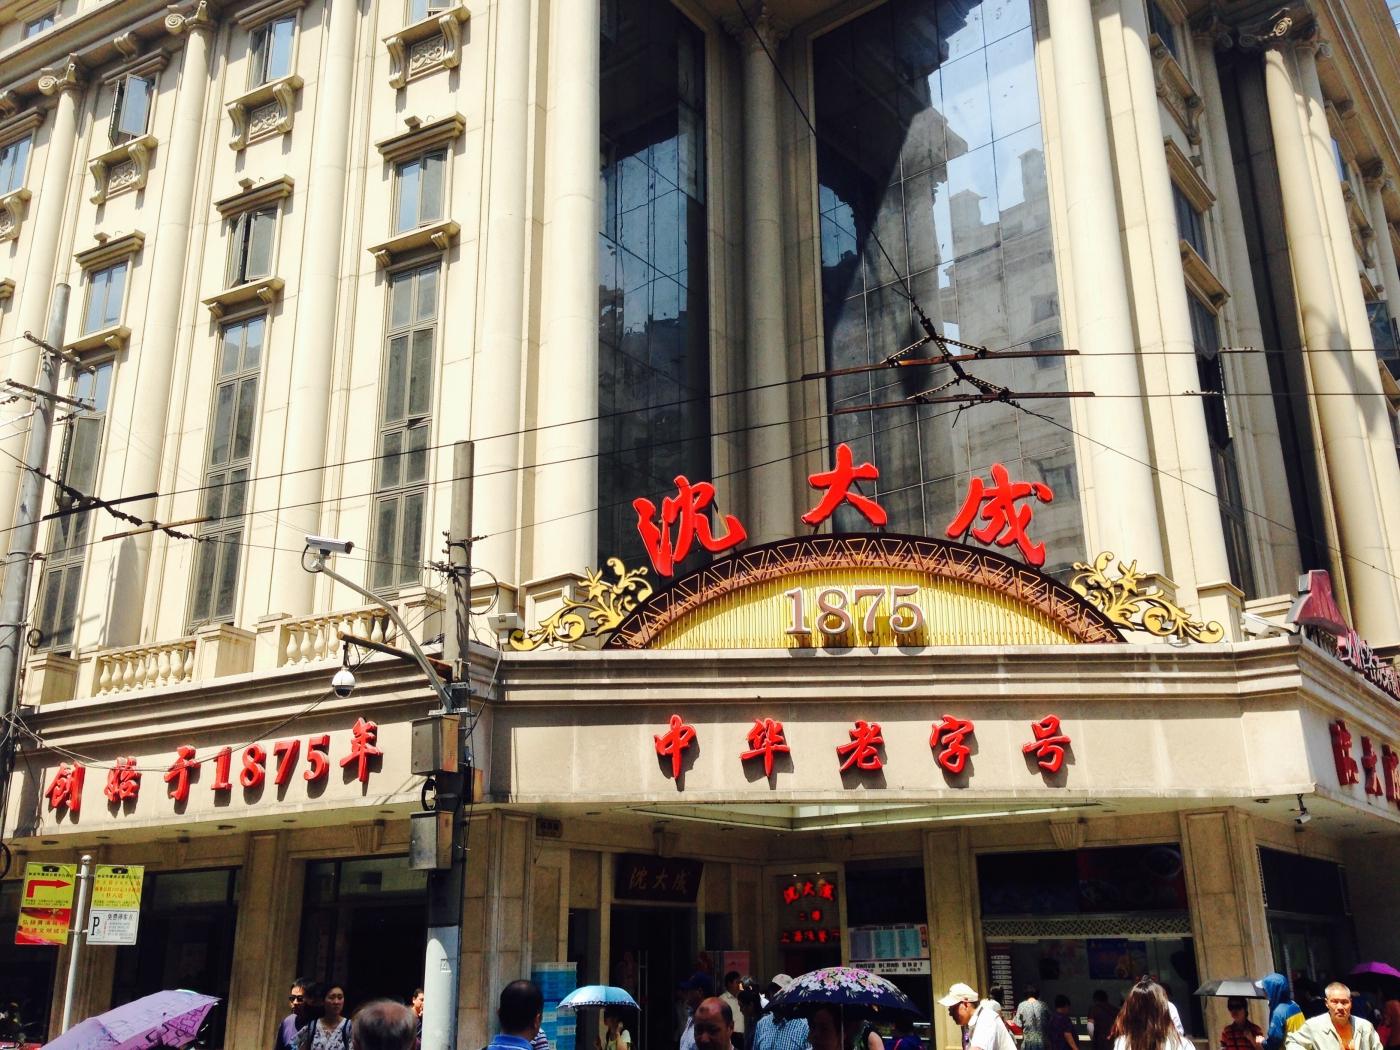 闲逛上海看街景_图1-12